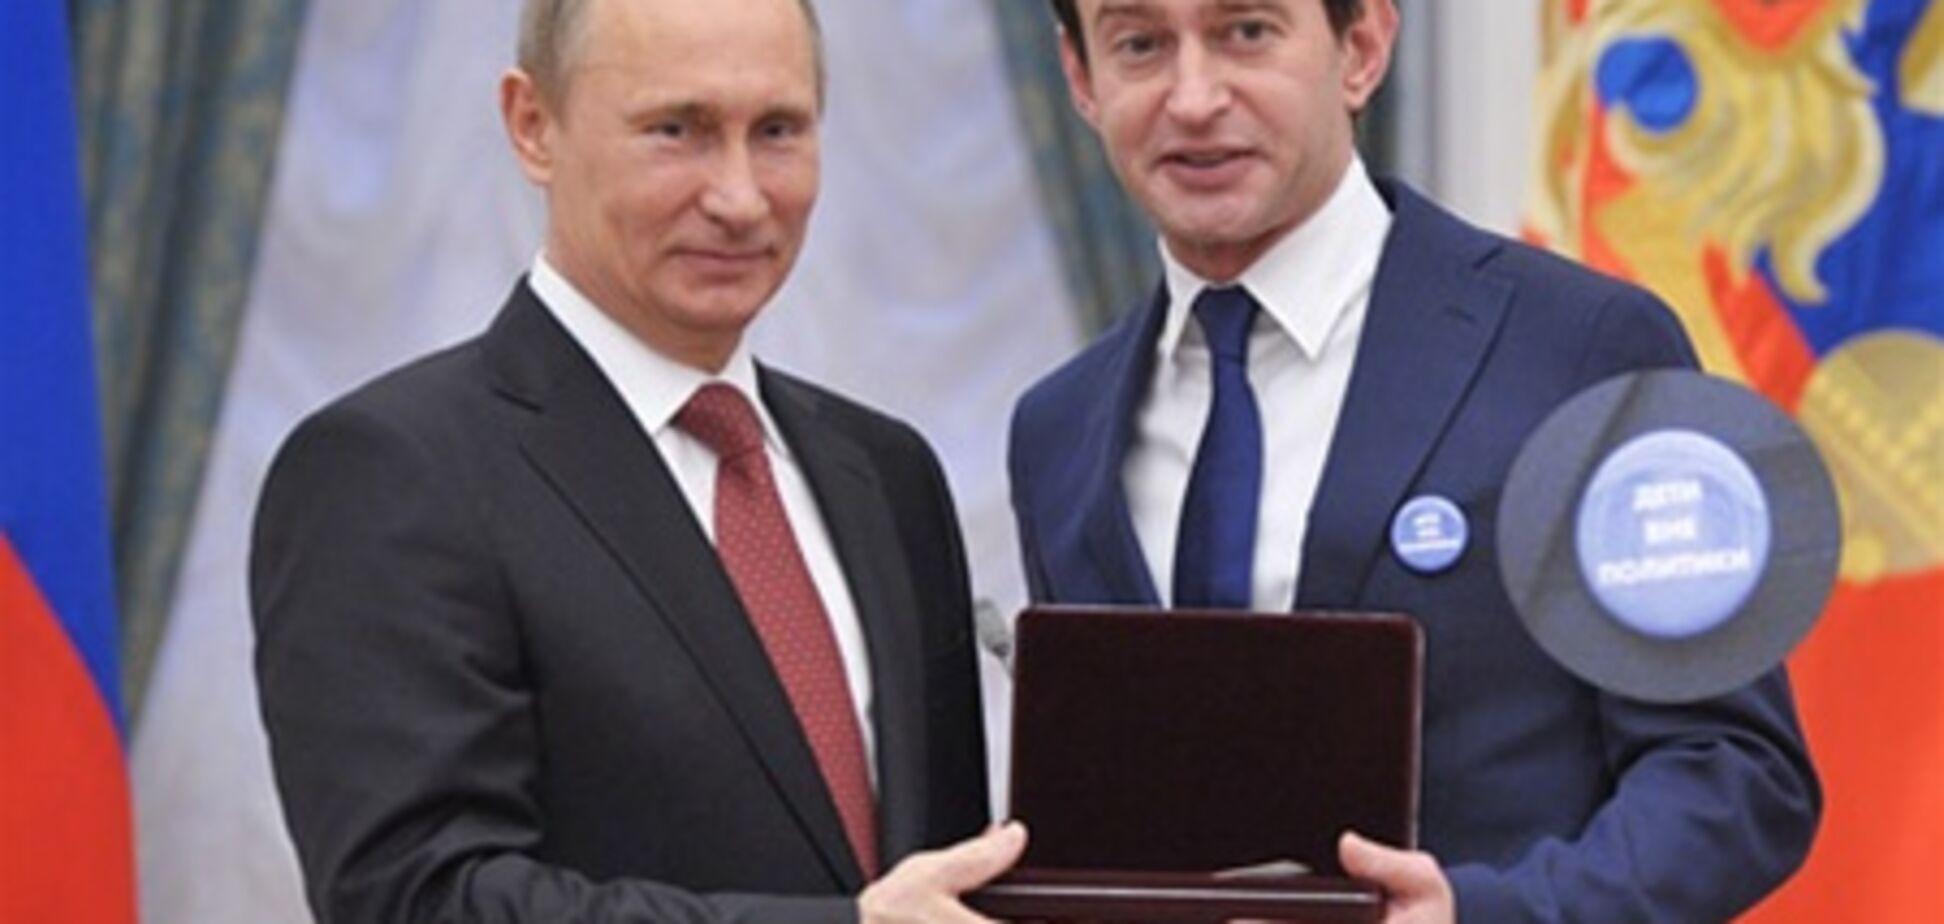 Поступок Хабенского на встрече с Путиным не остался незамеченным. Фото